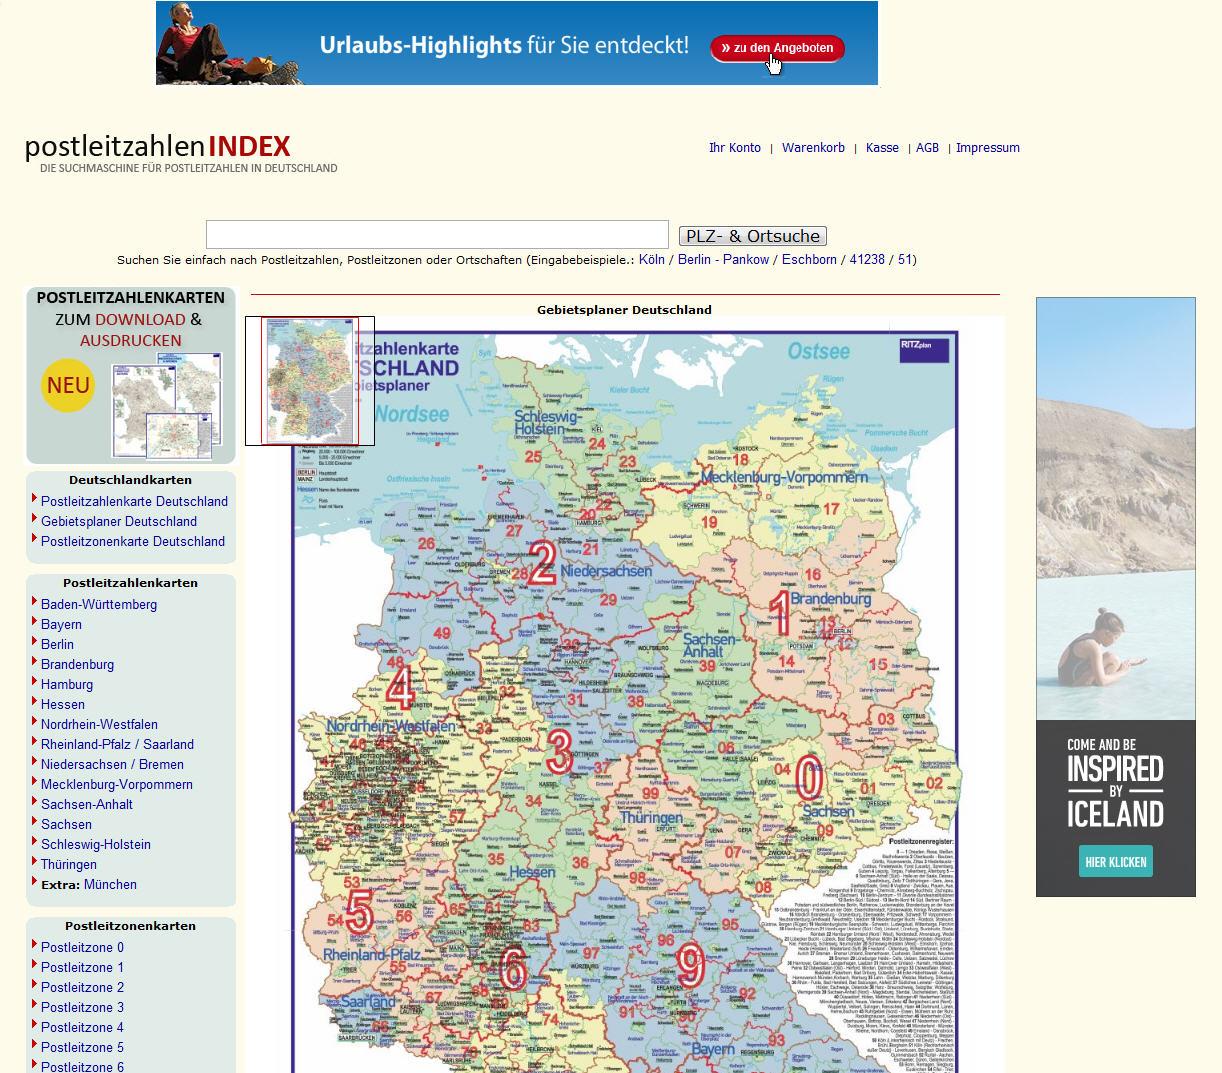 Plz Karte Deutschland Kostenlos Download.Plz Karte Deutschland Download Kostenlos Hanzeontwerpfabriek